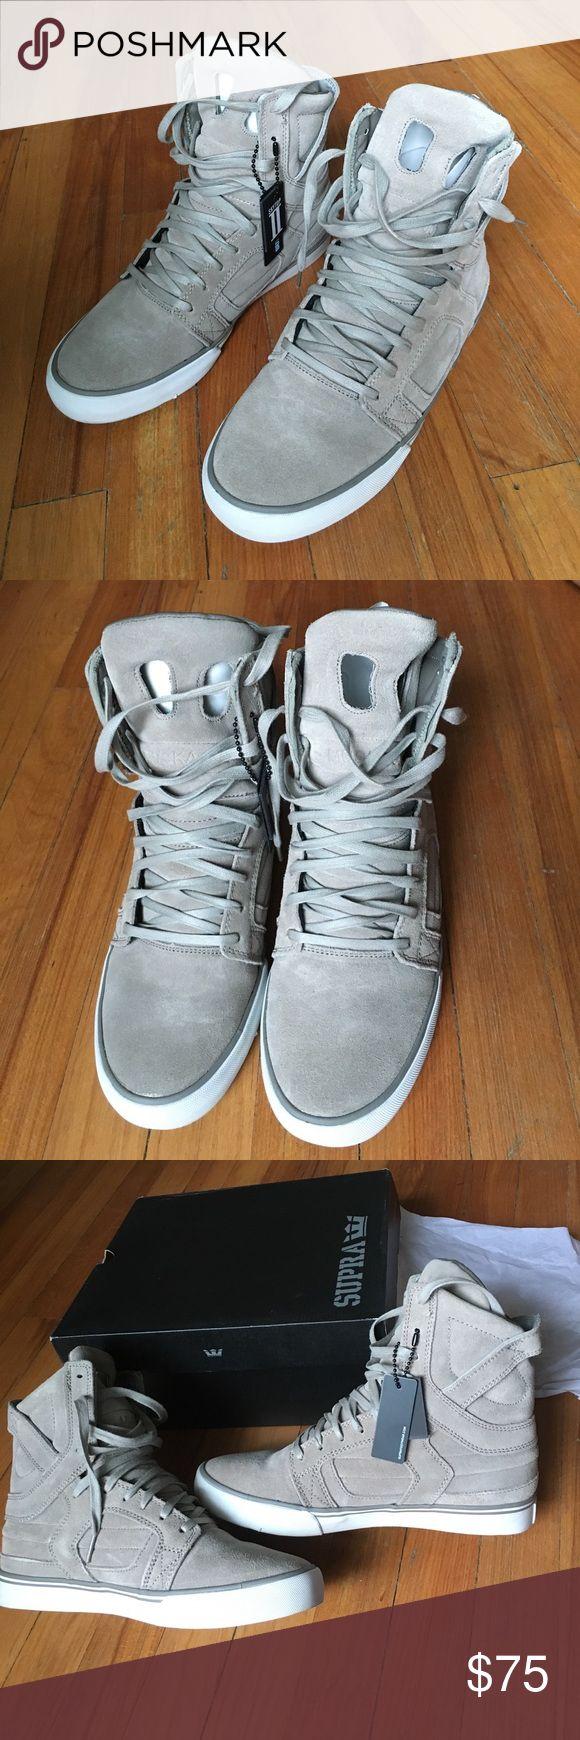 Khaki Suede (Grey) Supra's Supra Skytop II. In excellent condition. Supra Shoes Sneakers